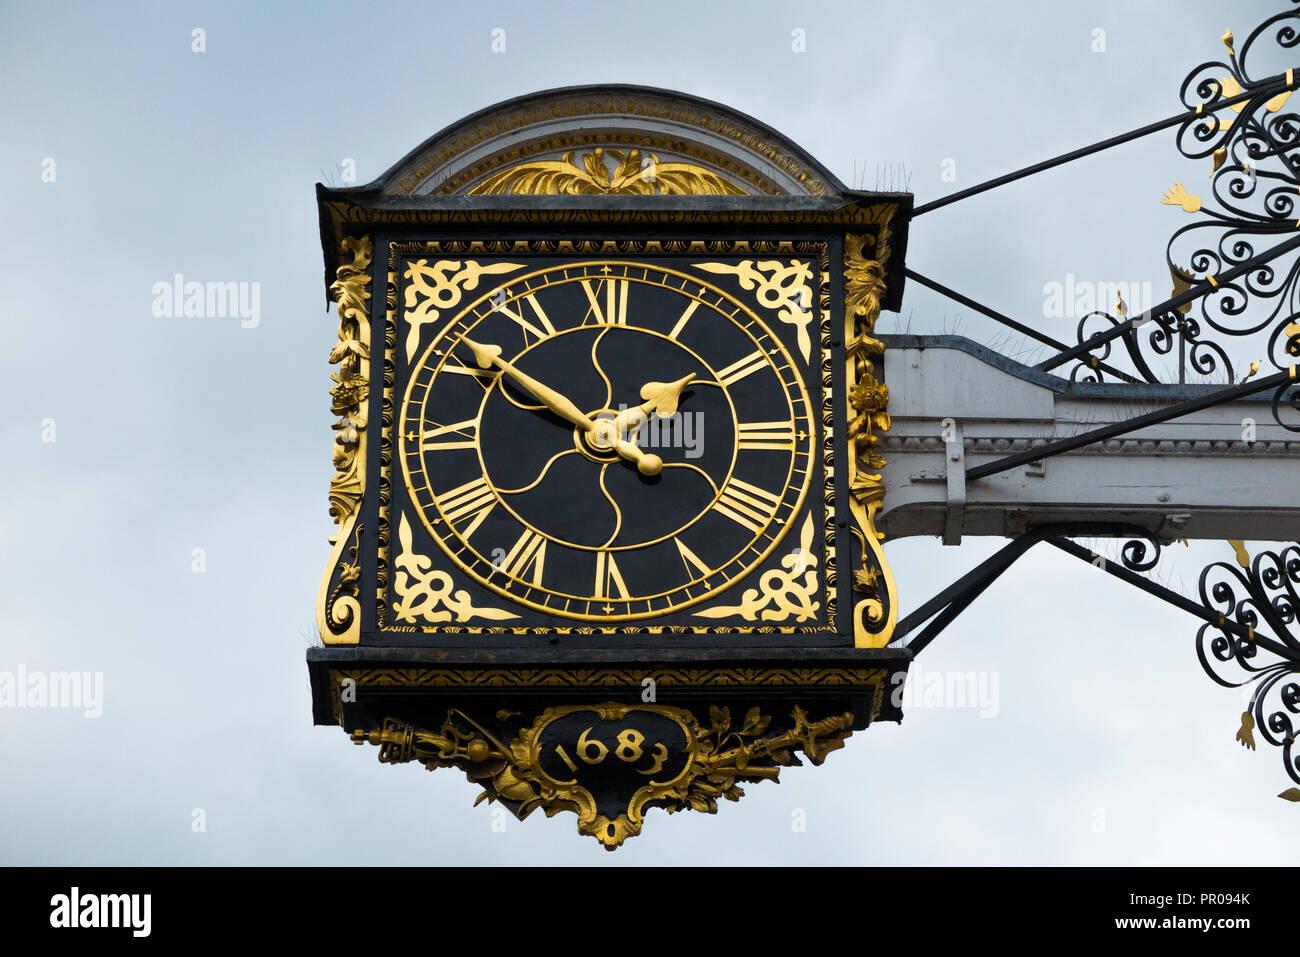 La histórica ciudad de Guildford 1683 reloj en la parte delantera de la Guildhall. High Street, Guildford. En el Reino Unido. (102) Imagen De Stock